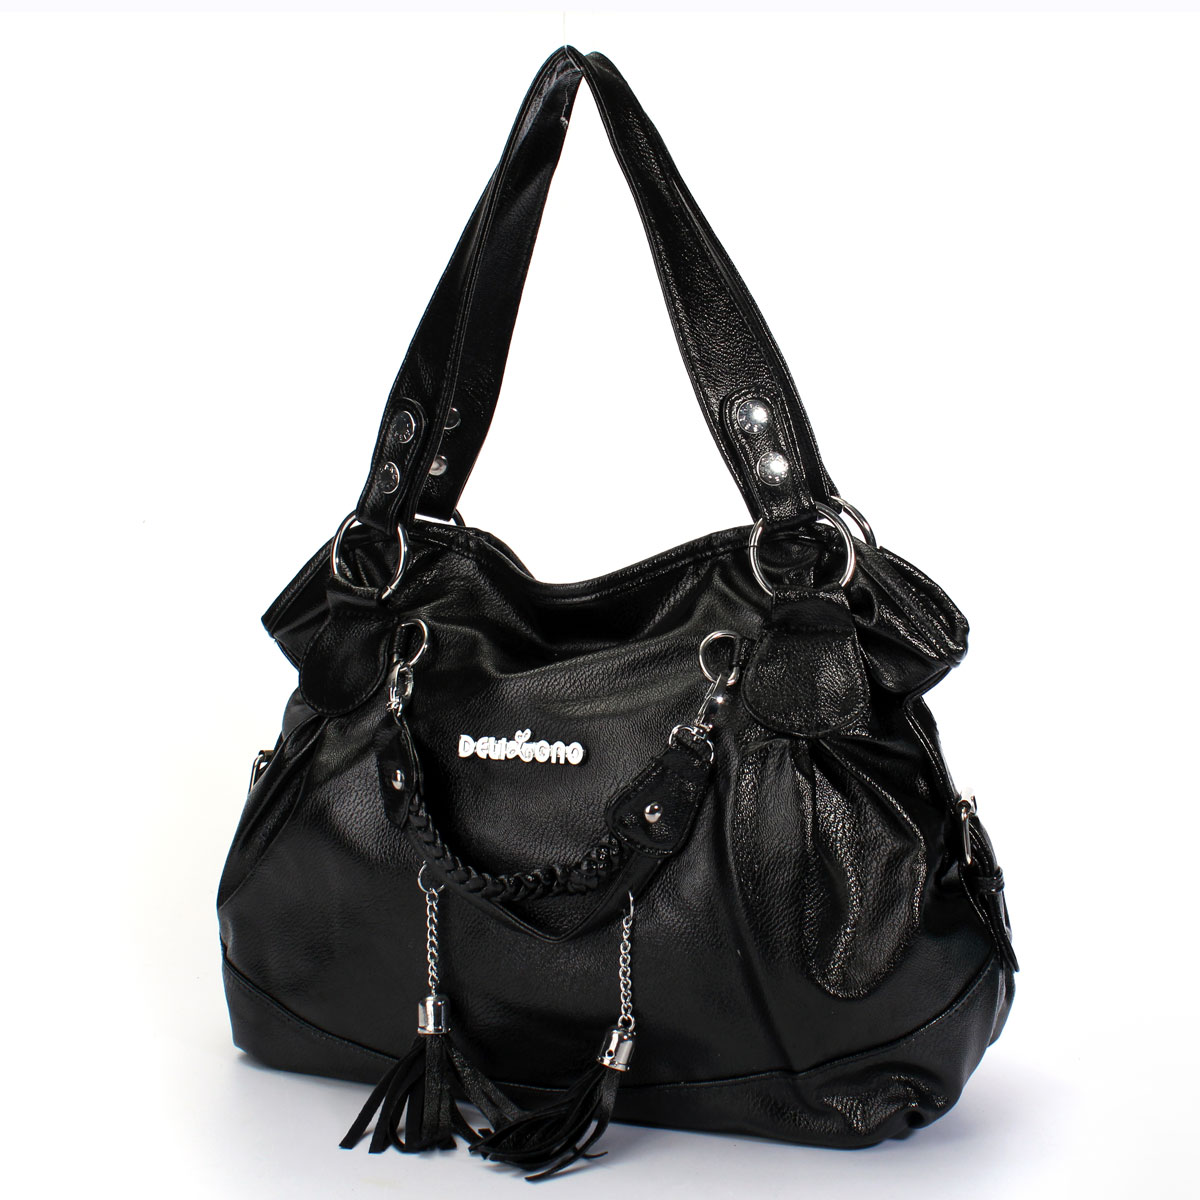 PU Leather Handbag Shoulder Bag Travel Backpack Tote Tassel Large With Zipper For Women Girls Lady